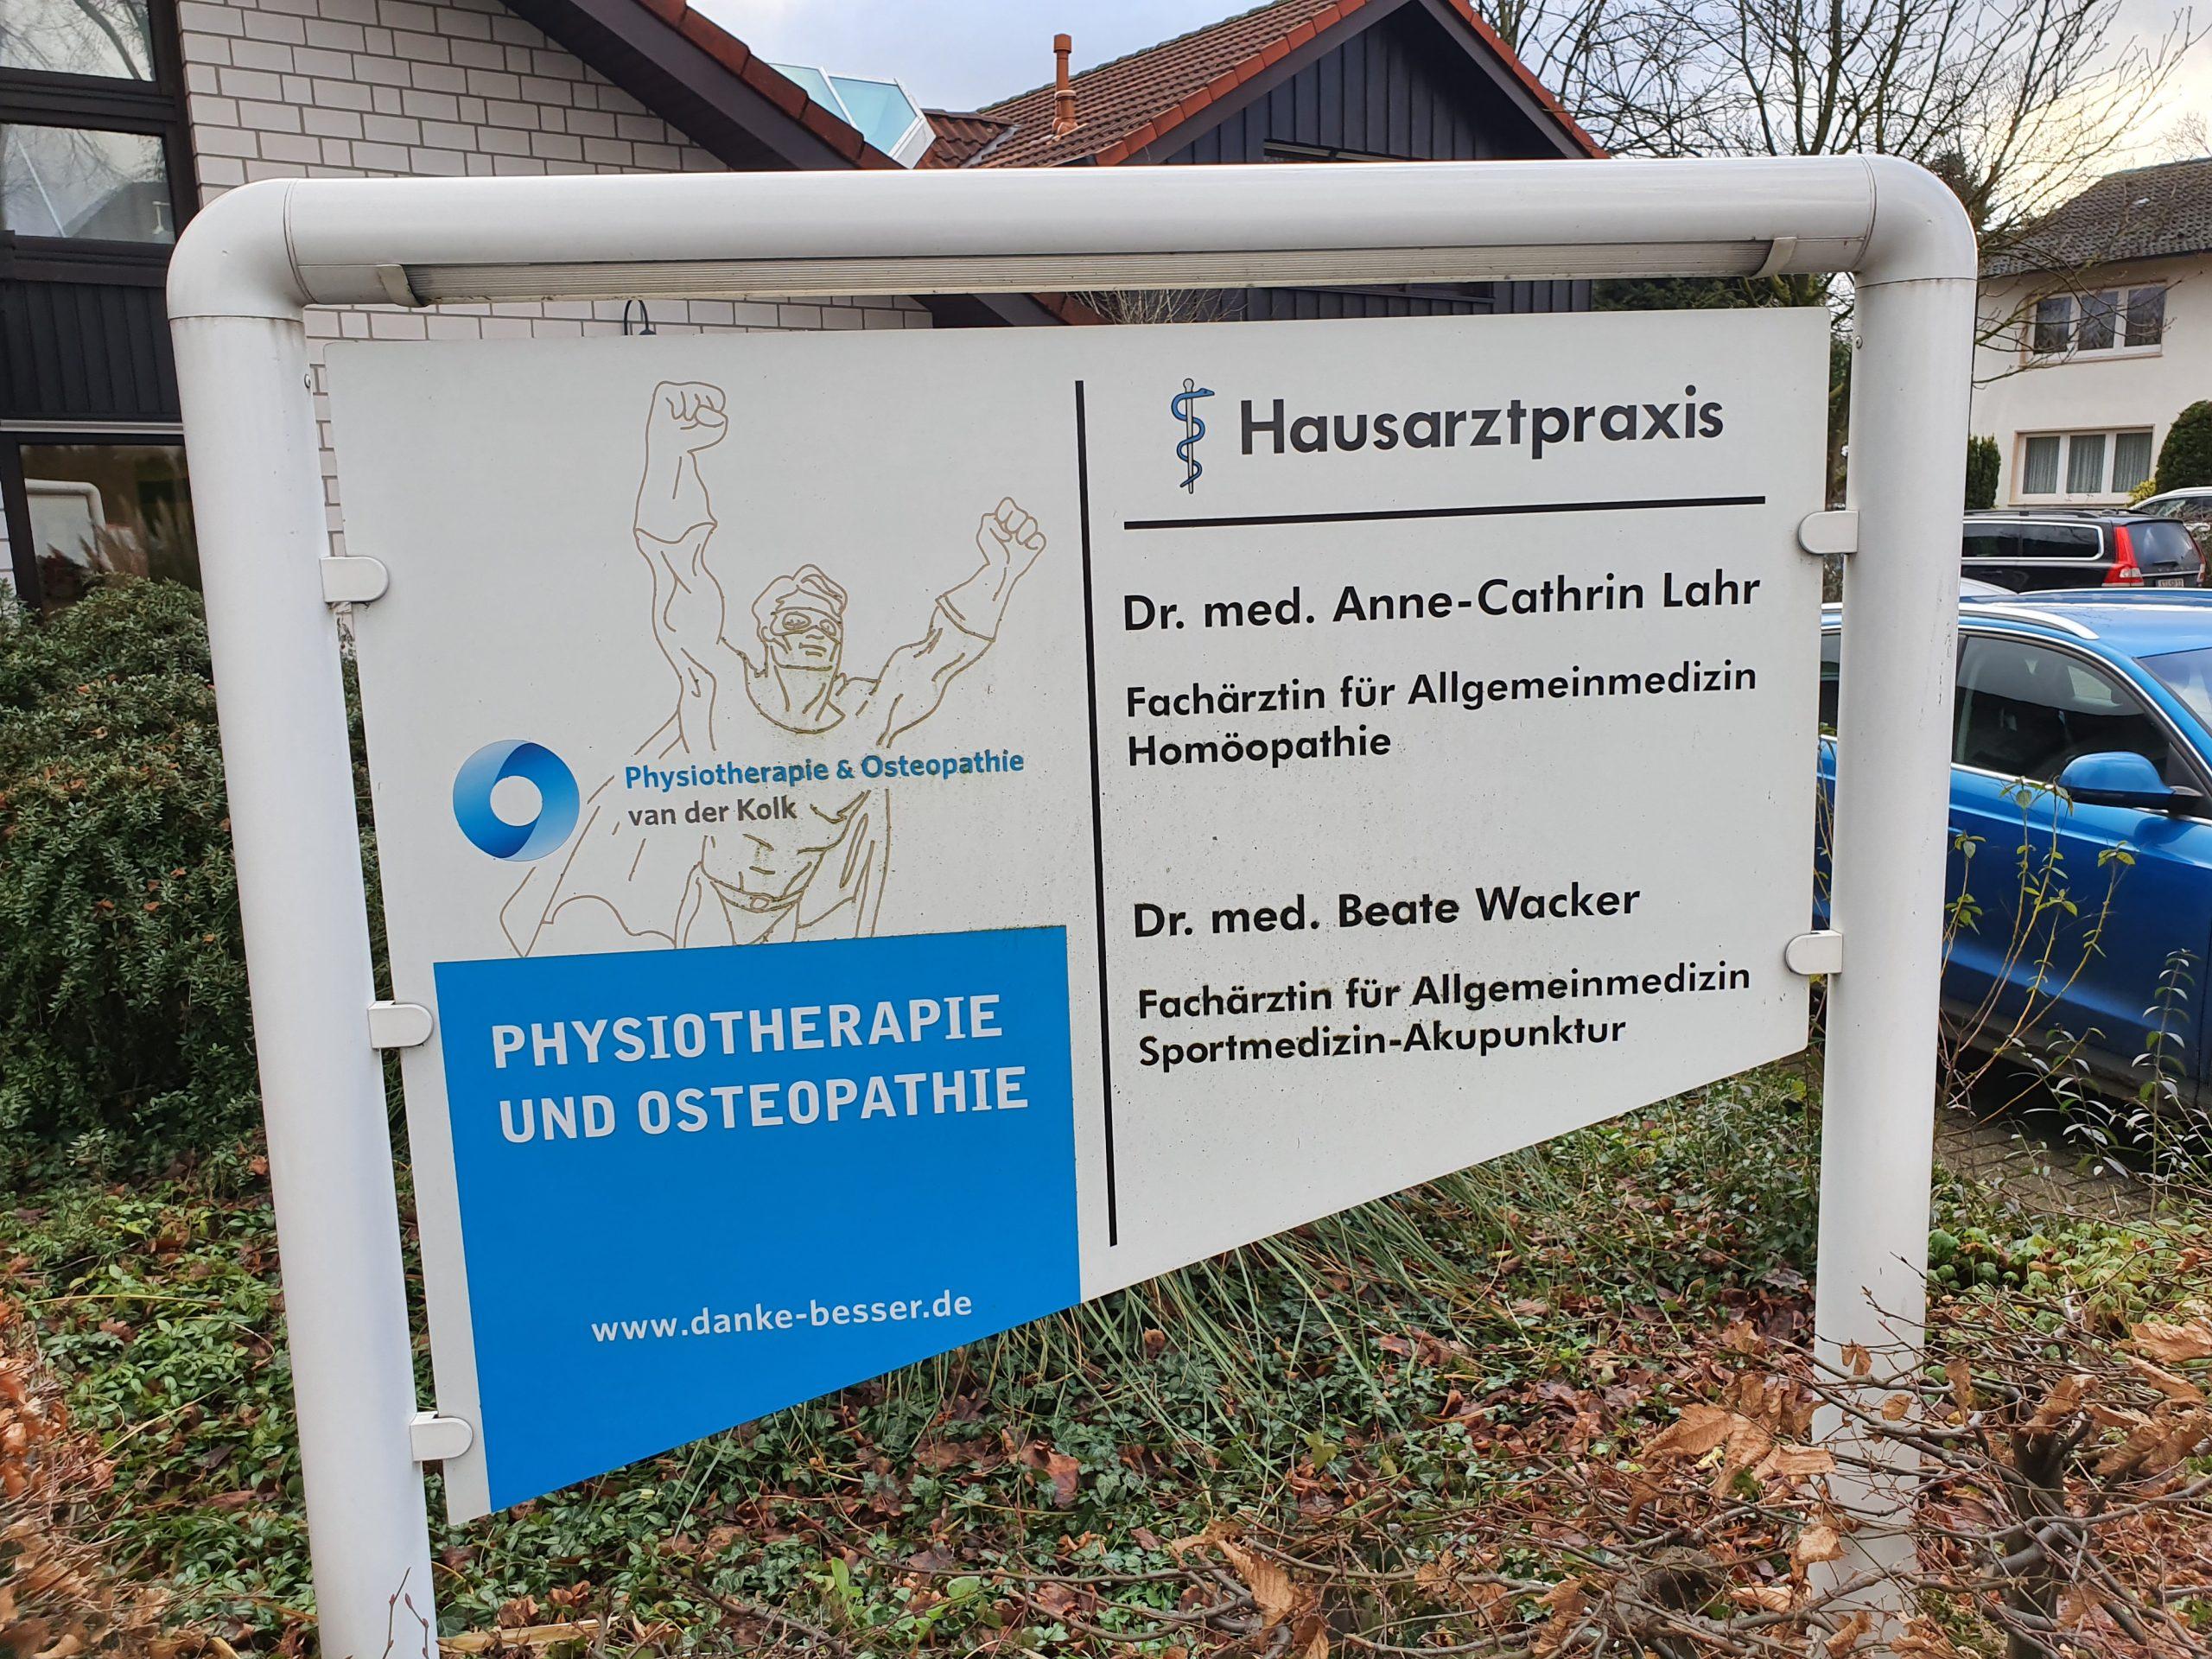 Standort - Lienen - Physiotherapie & Osteopathie van der Kolk